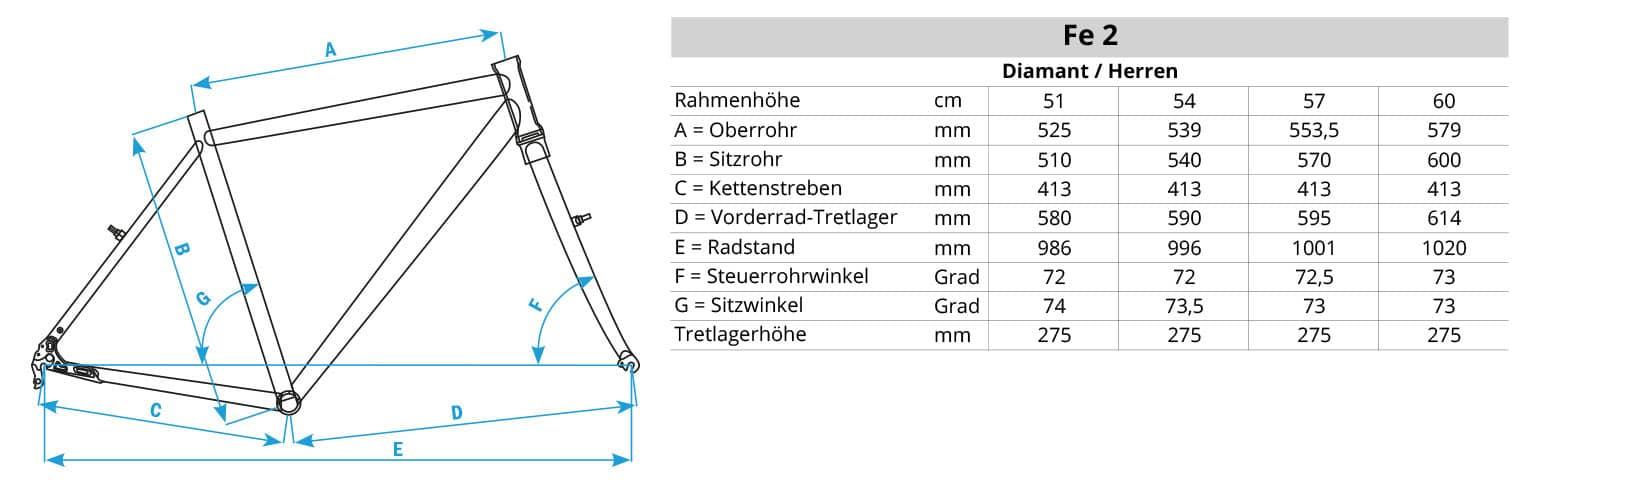 Geometriedaten Fe-2